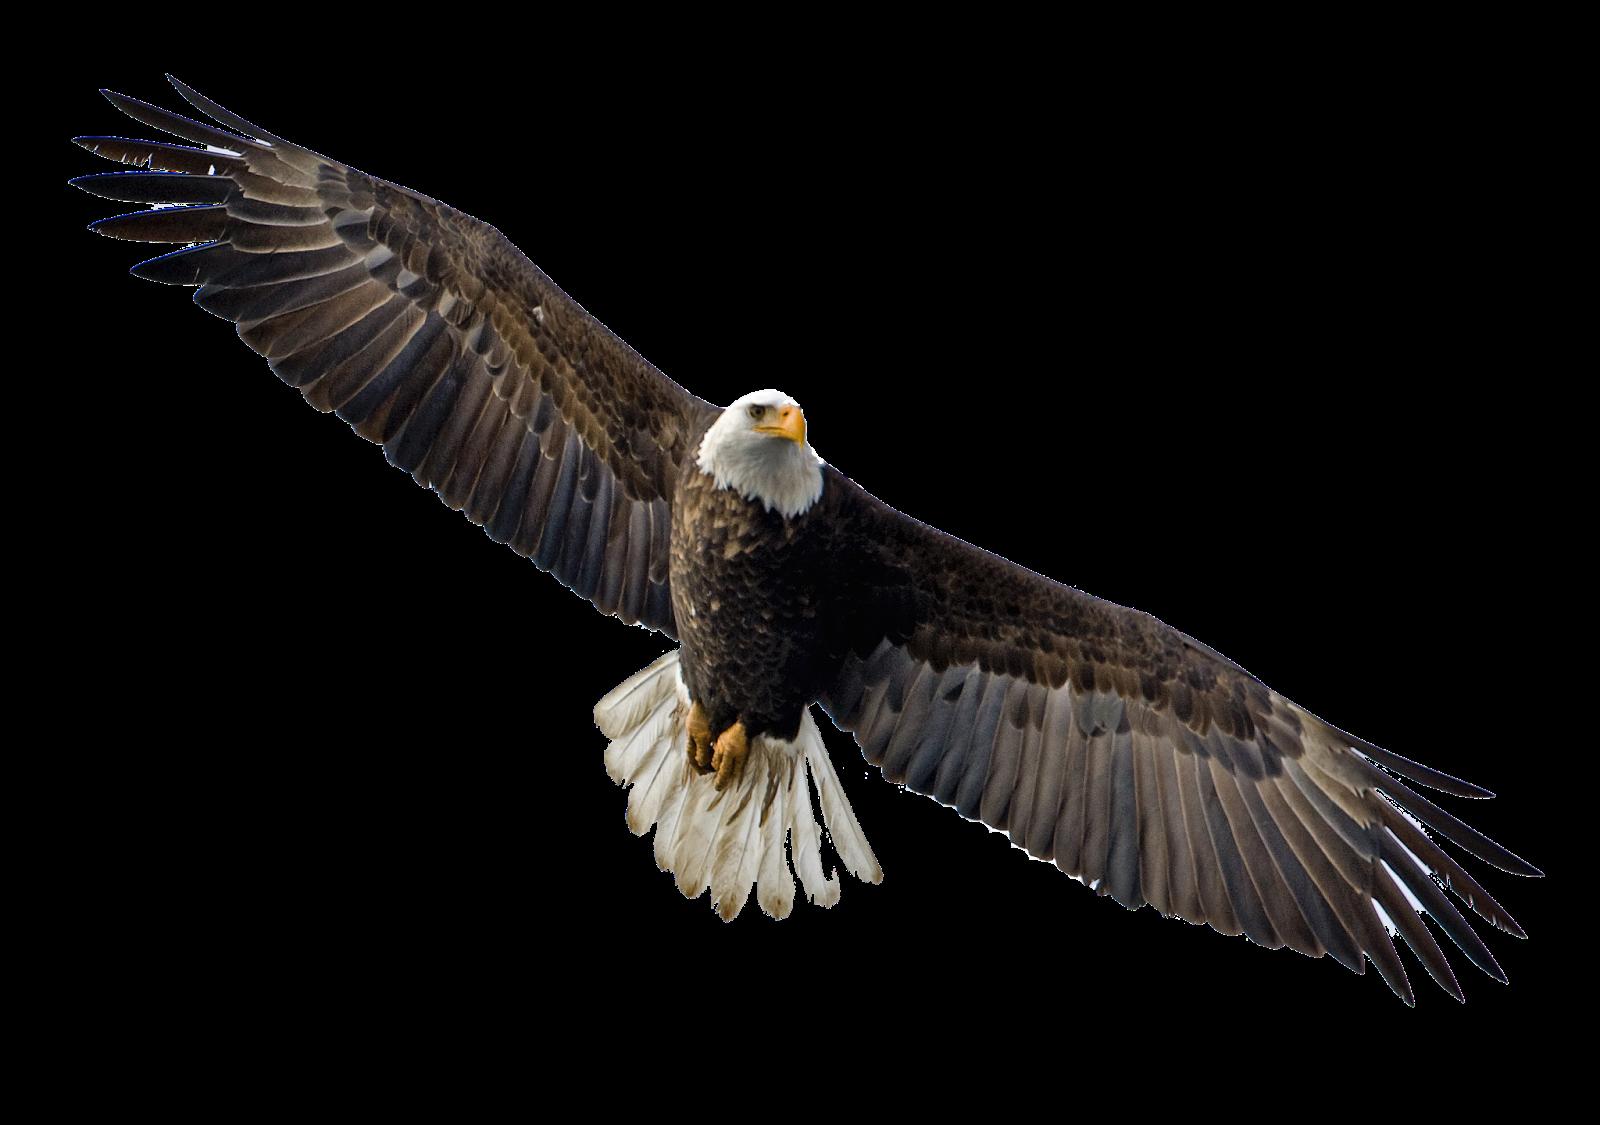 Clipart png eagle. Hq transparent images pluspng